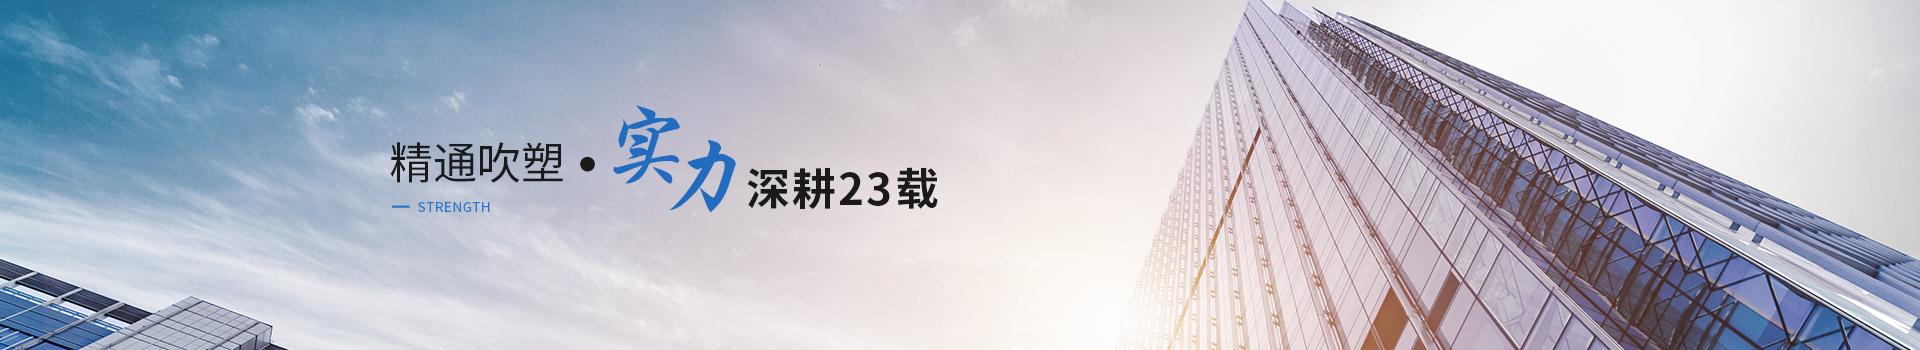 精通吹塑实力深耕23载